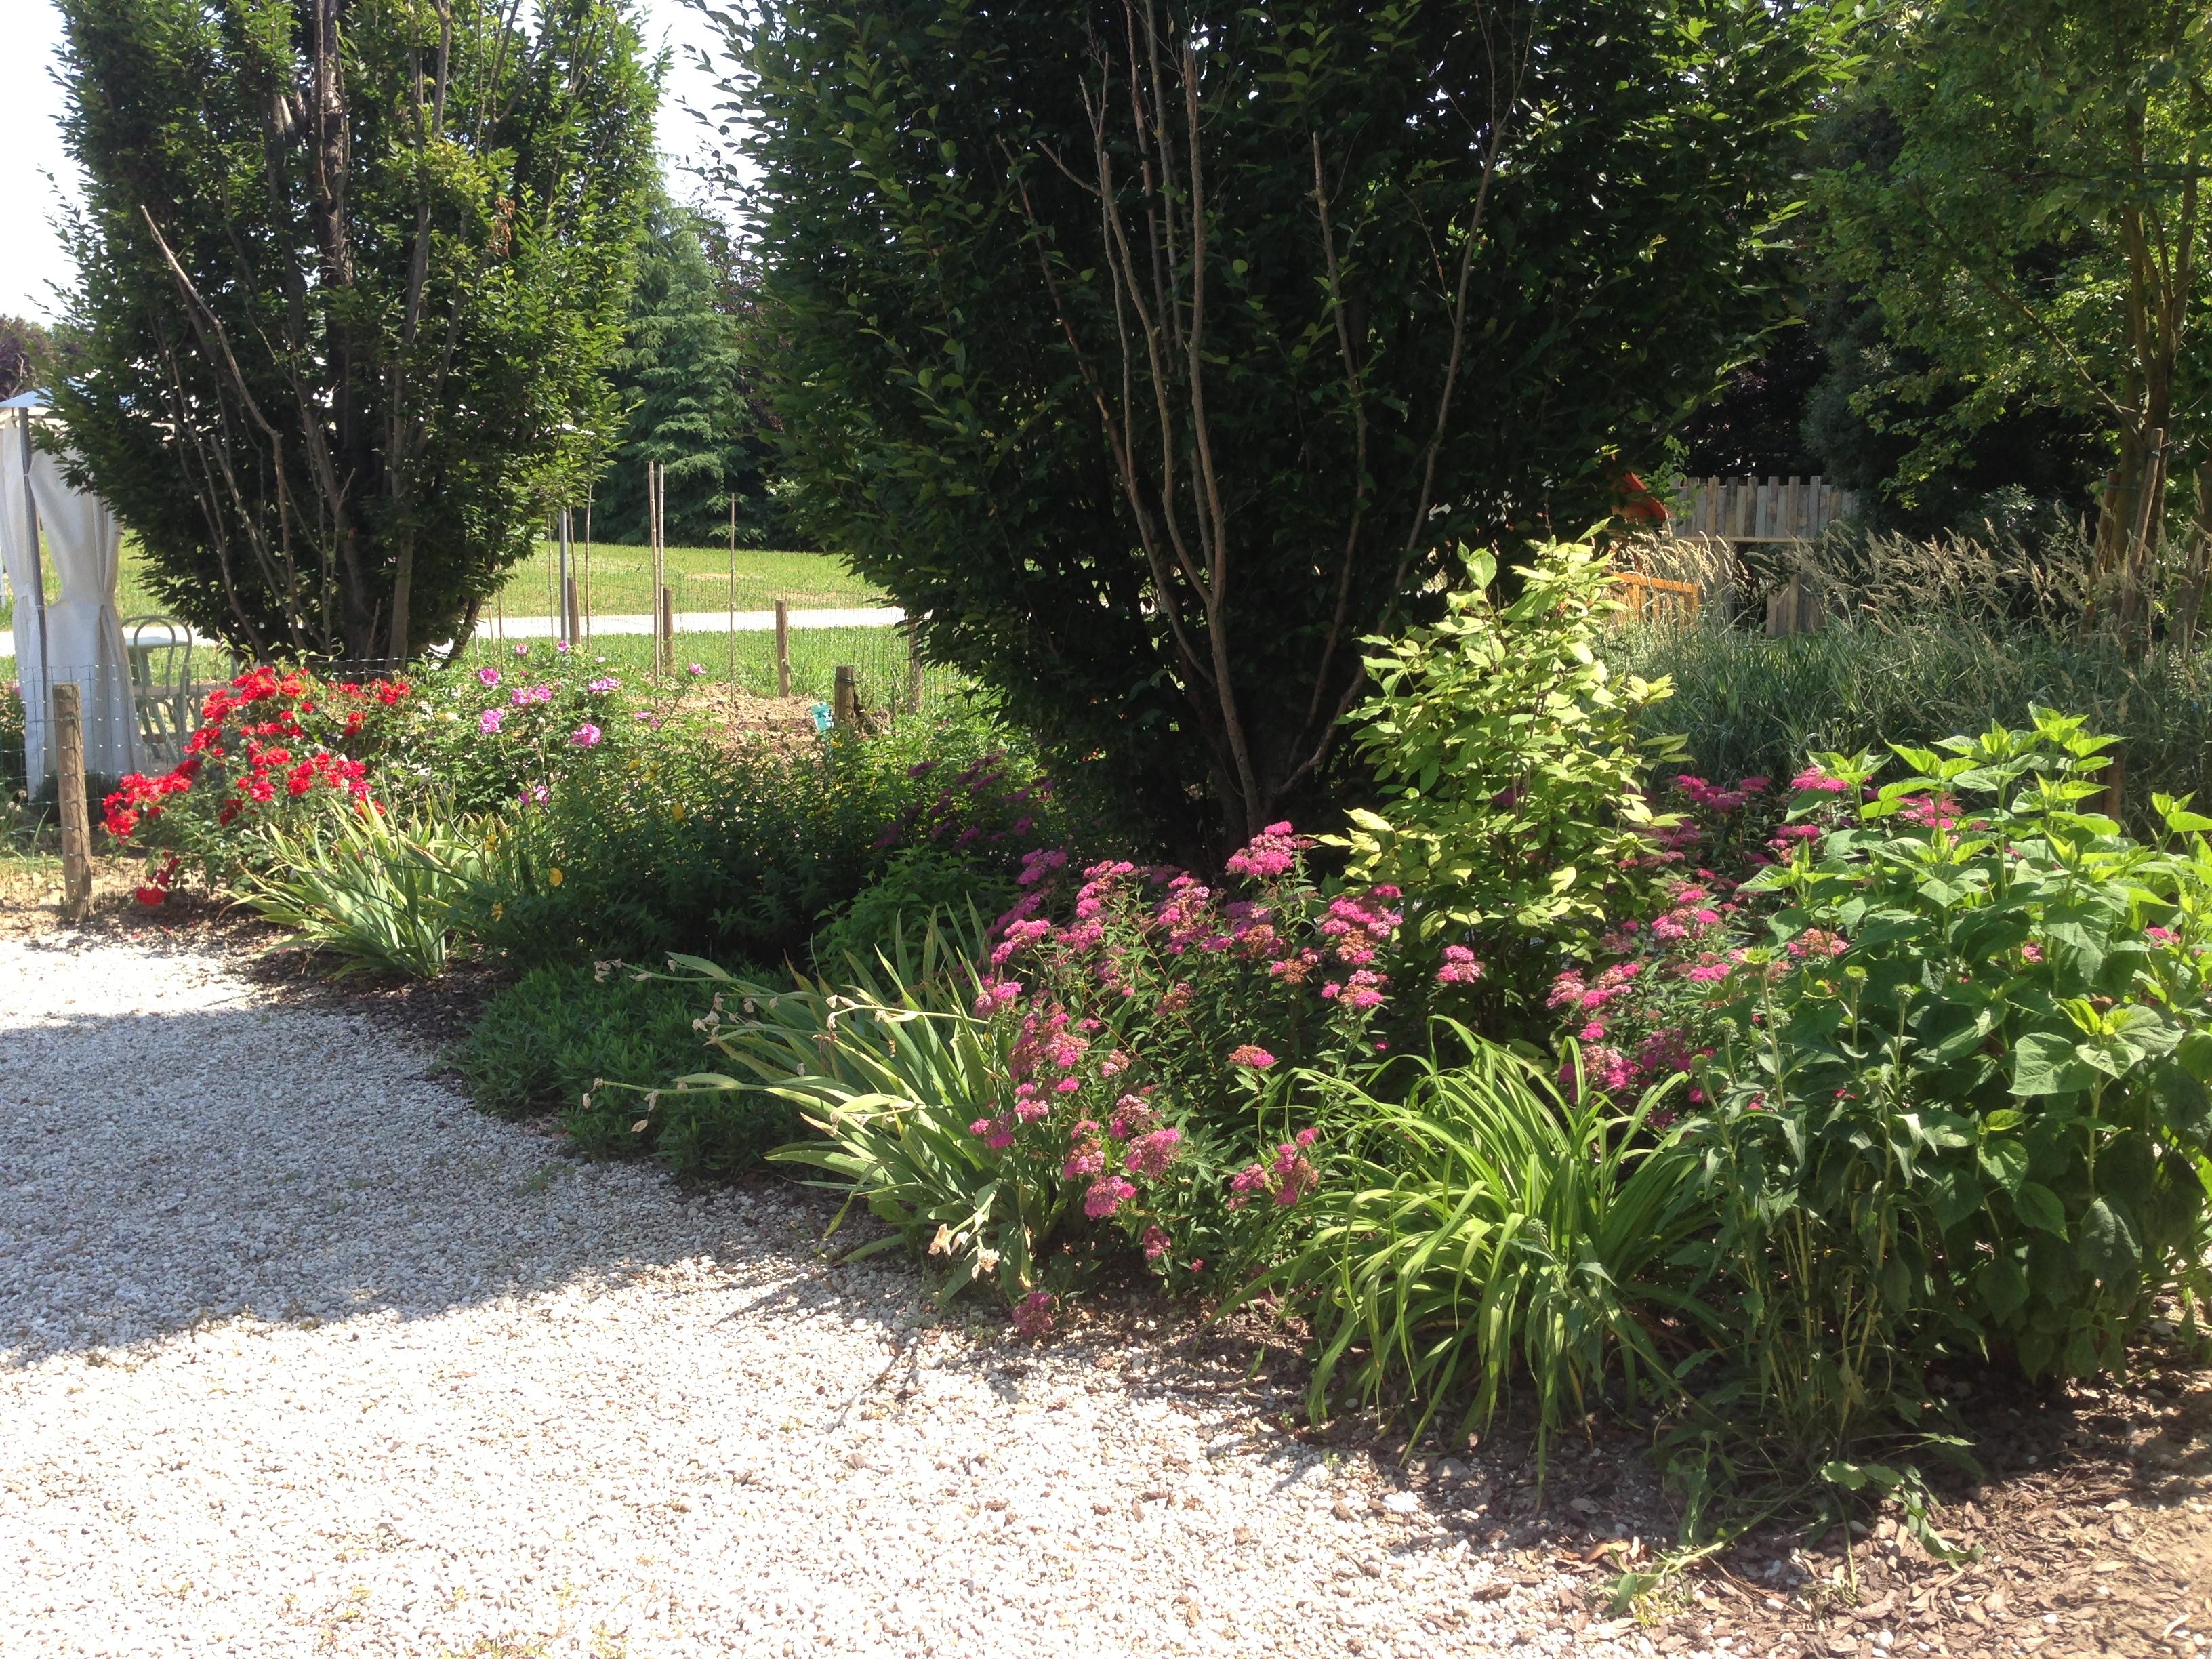 Realizzazioni di giardini privati e giardini pubblici in una gallery di immagini - Giardini privati foto ...